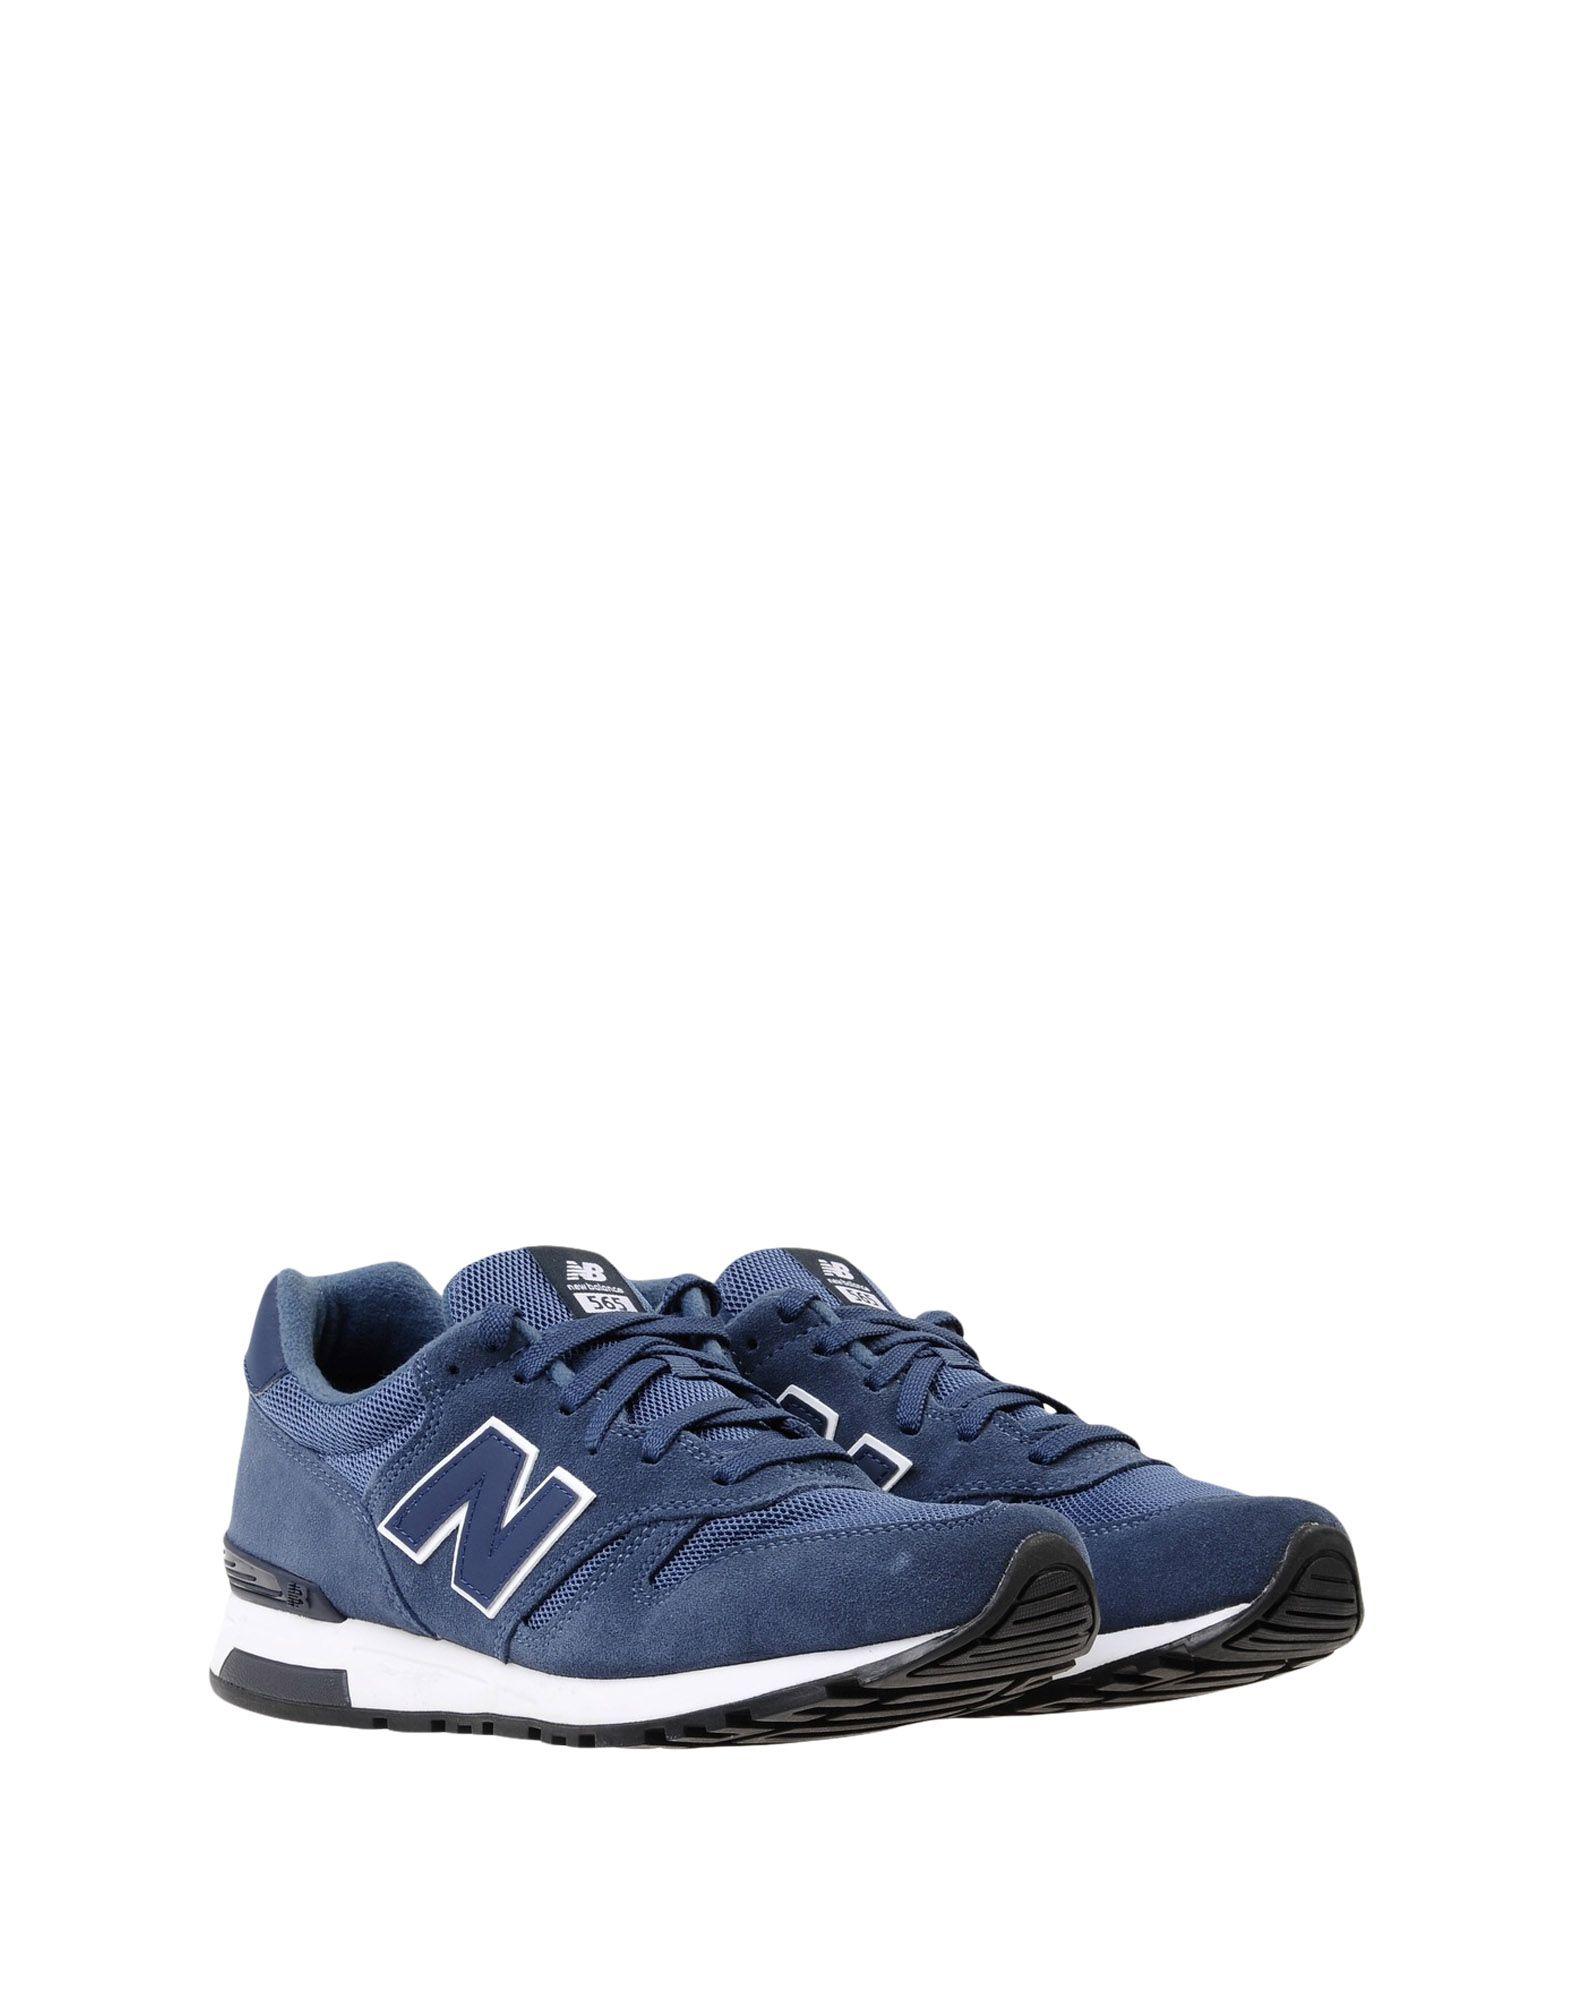 Rabatt echte Schuhe New  Balance 565 Suede/Mesh  New 11470672OE 80b695